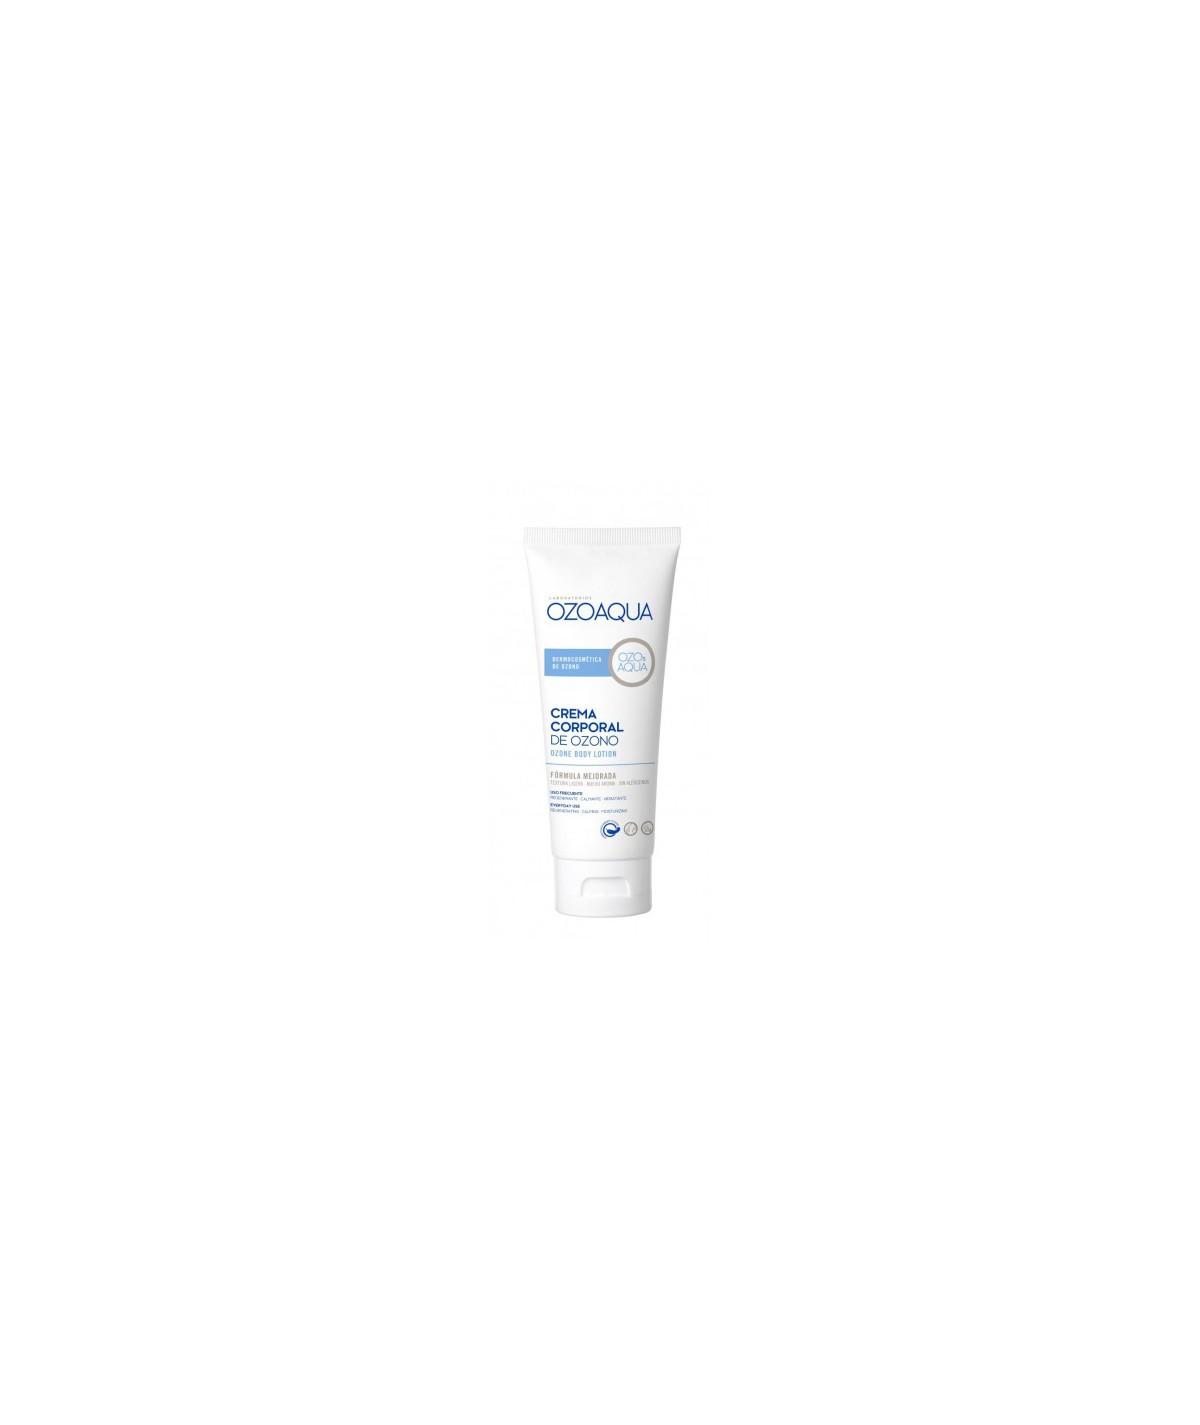 Ozoaqua crema corporal 200ml